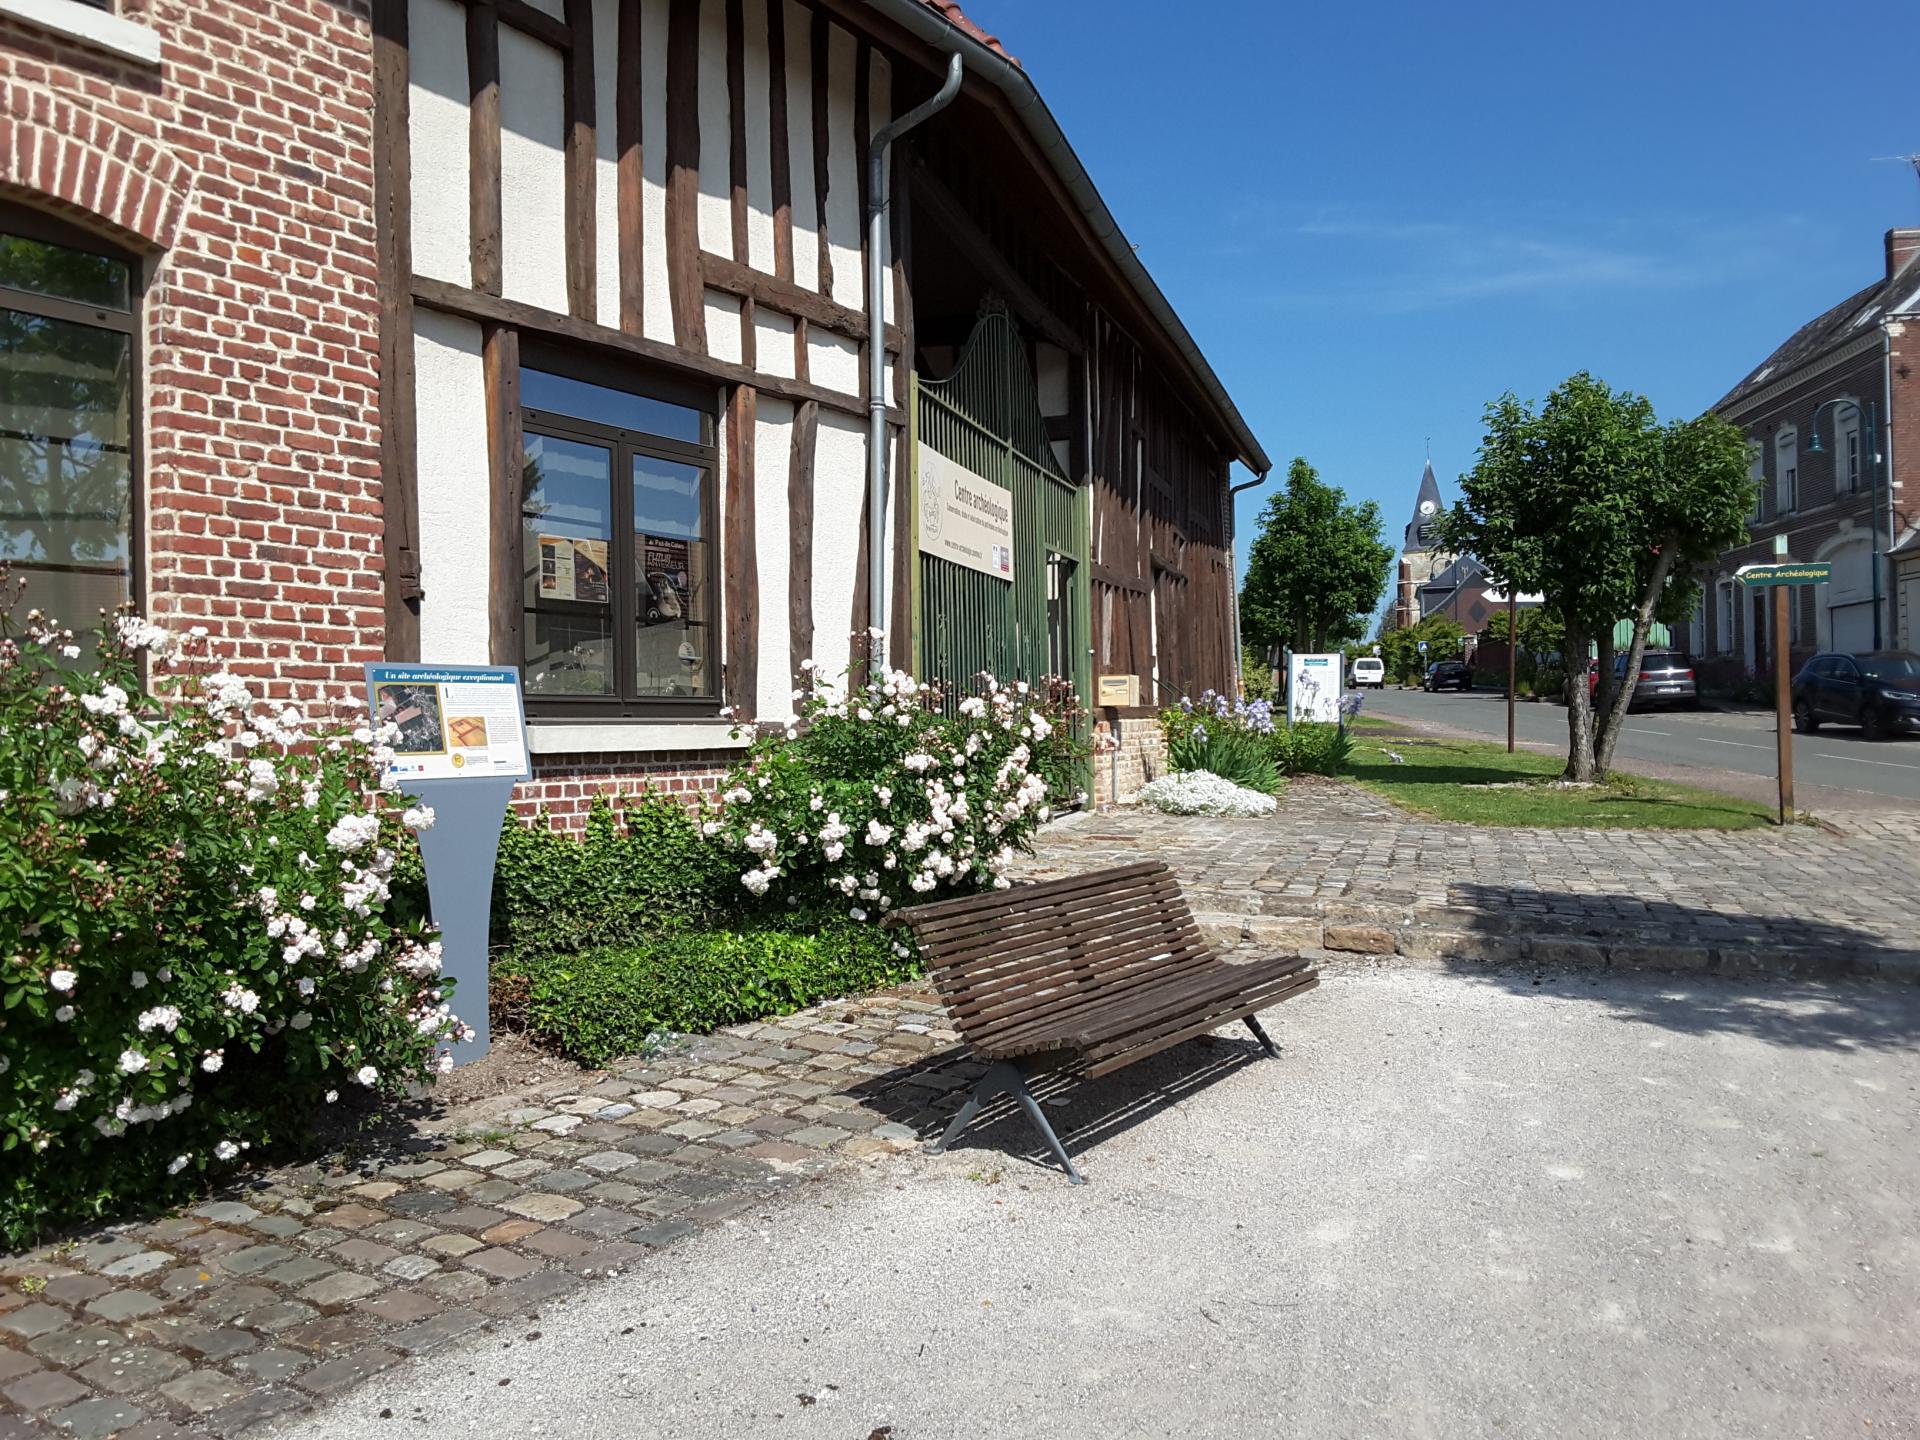 Le centre archéologique de Ribemont-sur-Ancre